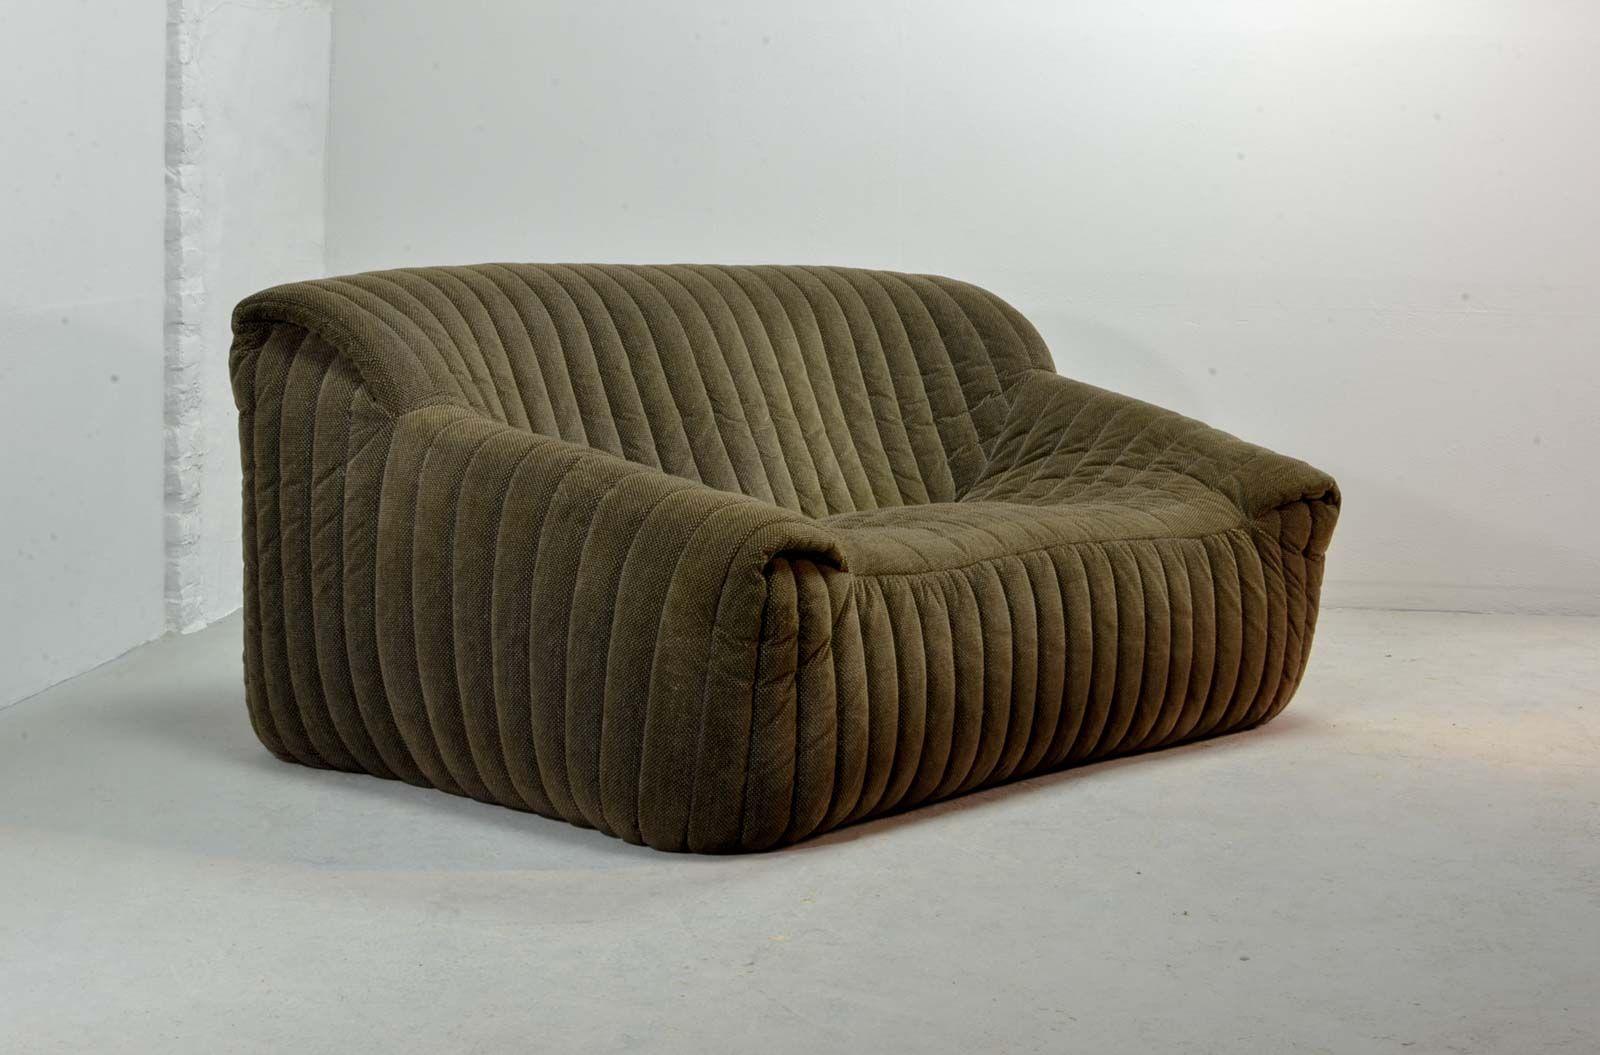 canap deux places par annie hieronymus pour ligne roset france 1970s en vente sur pamono. Black Bedroom Furniture Sets. Home Design Ideas